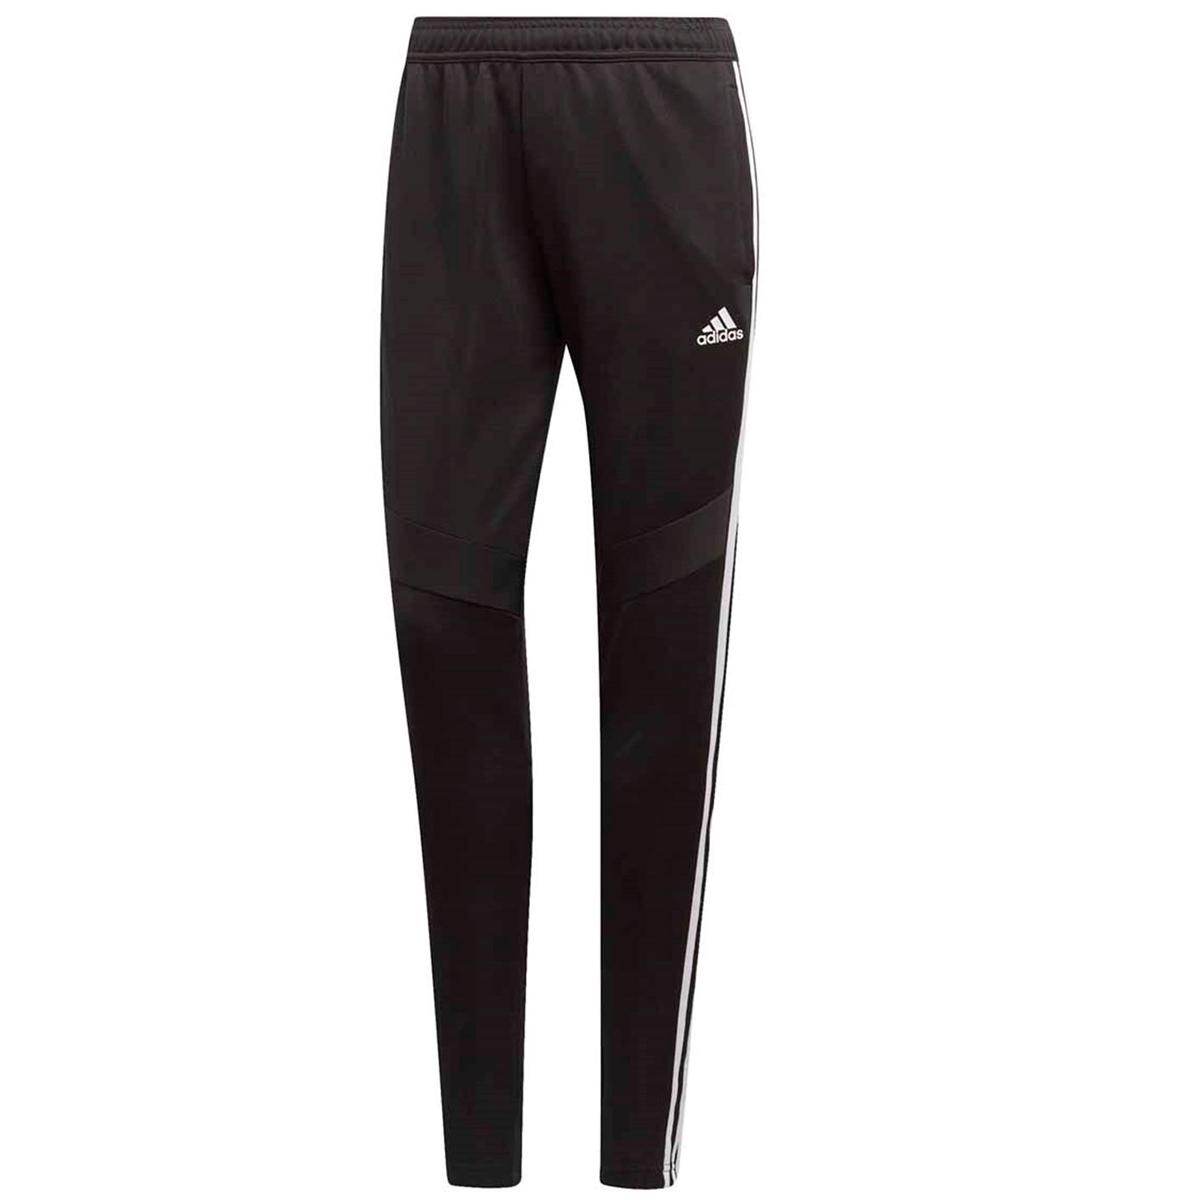 01ad7133517 Adidas Tiro 19 Trainingsbroek Dames ZWART/WIT online kopen bij ...